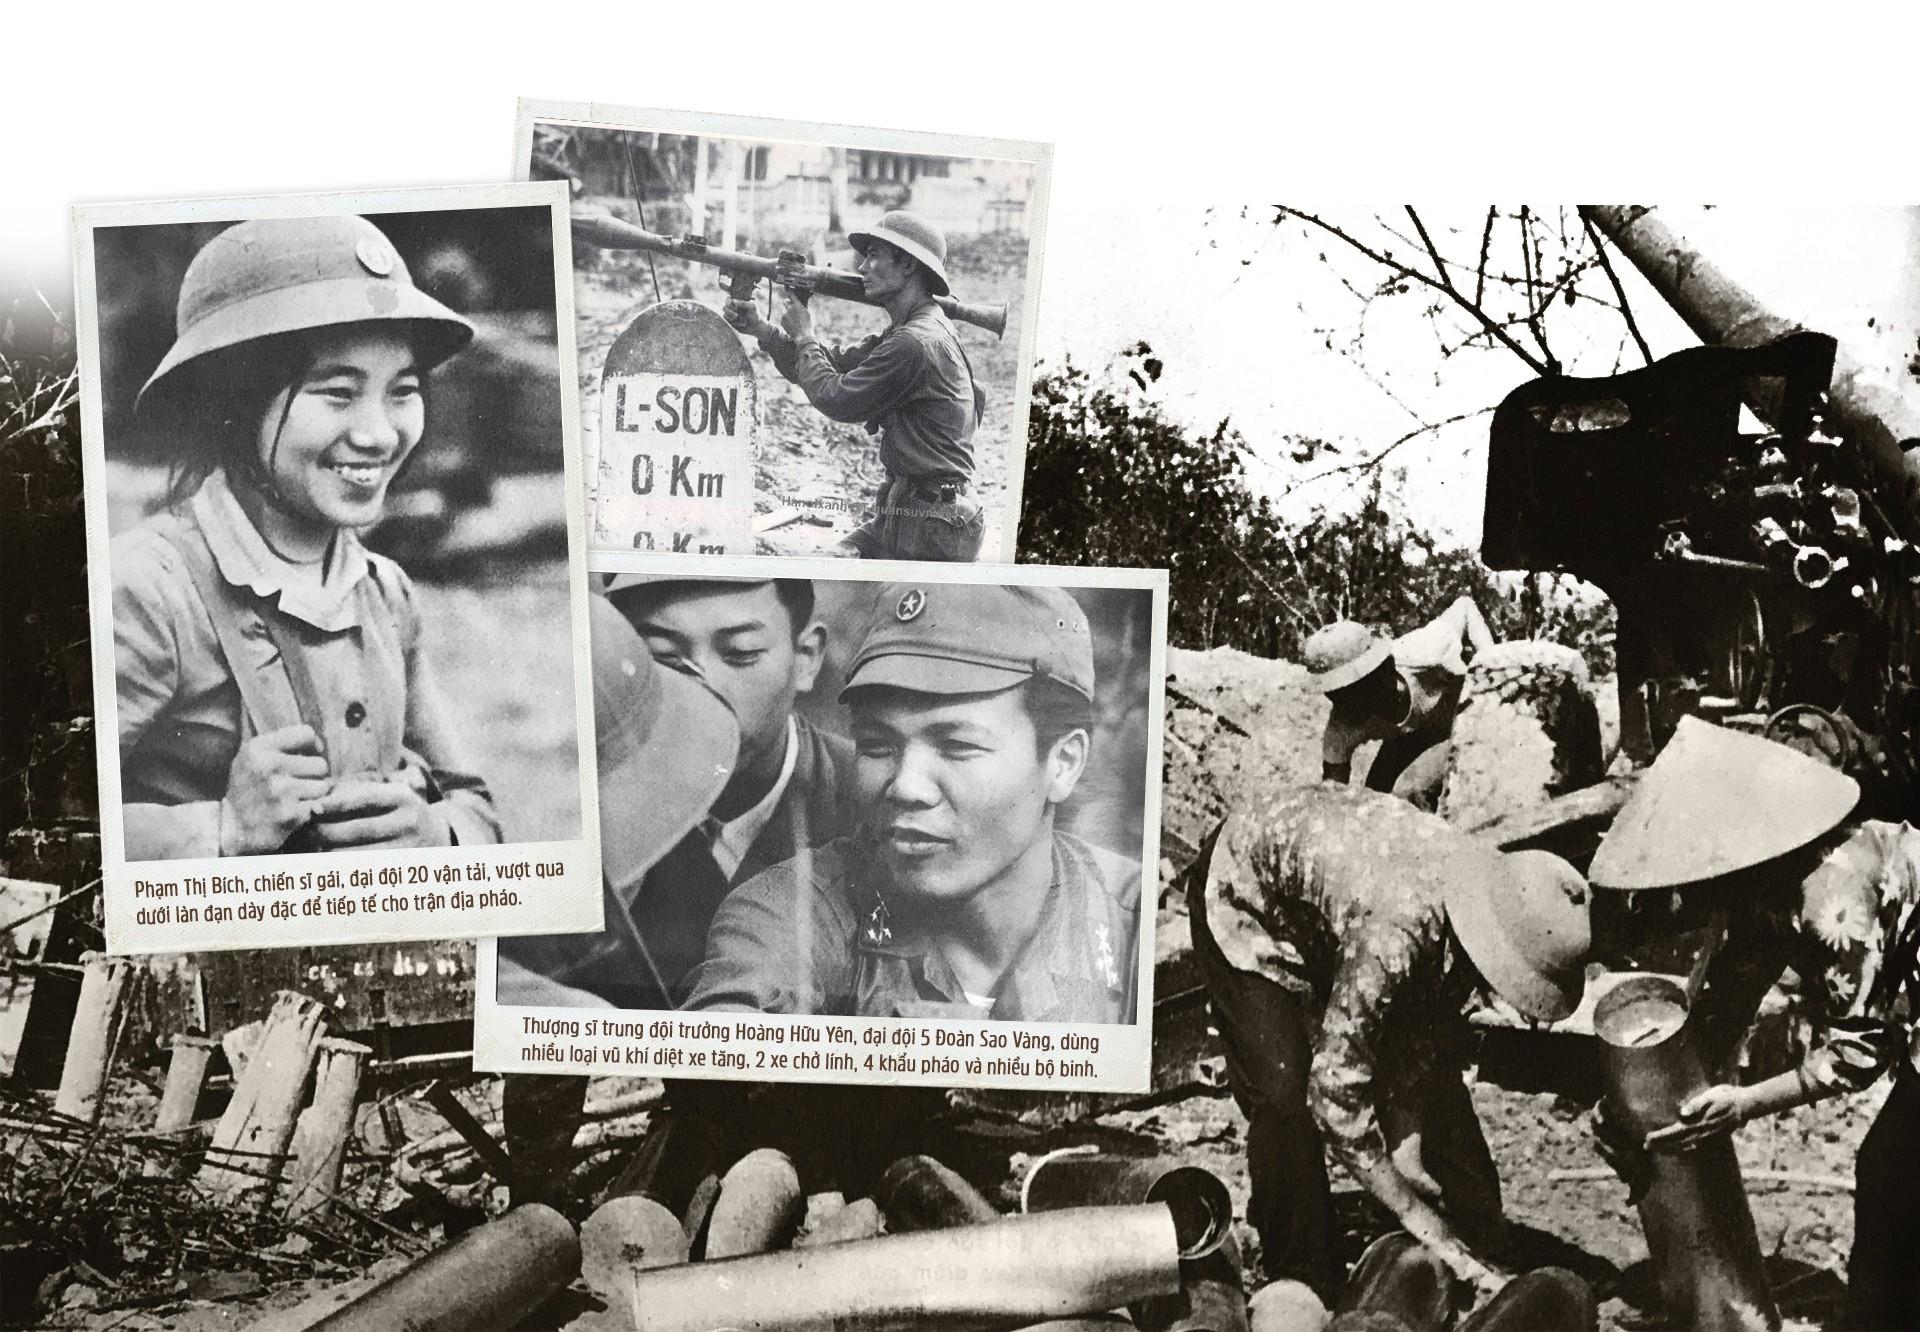 Xúc động những bức ảnh giữa chiến trường biên giới 1979 - Ảnh 8.